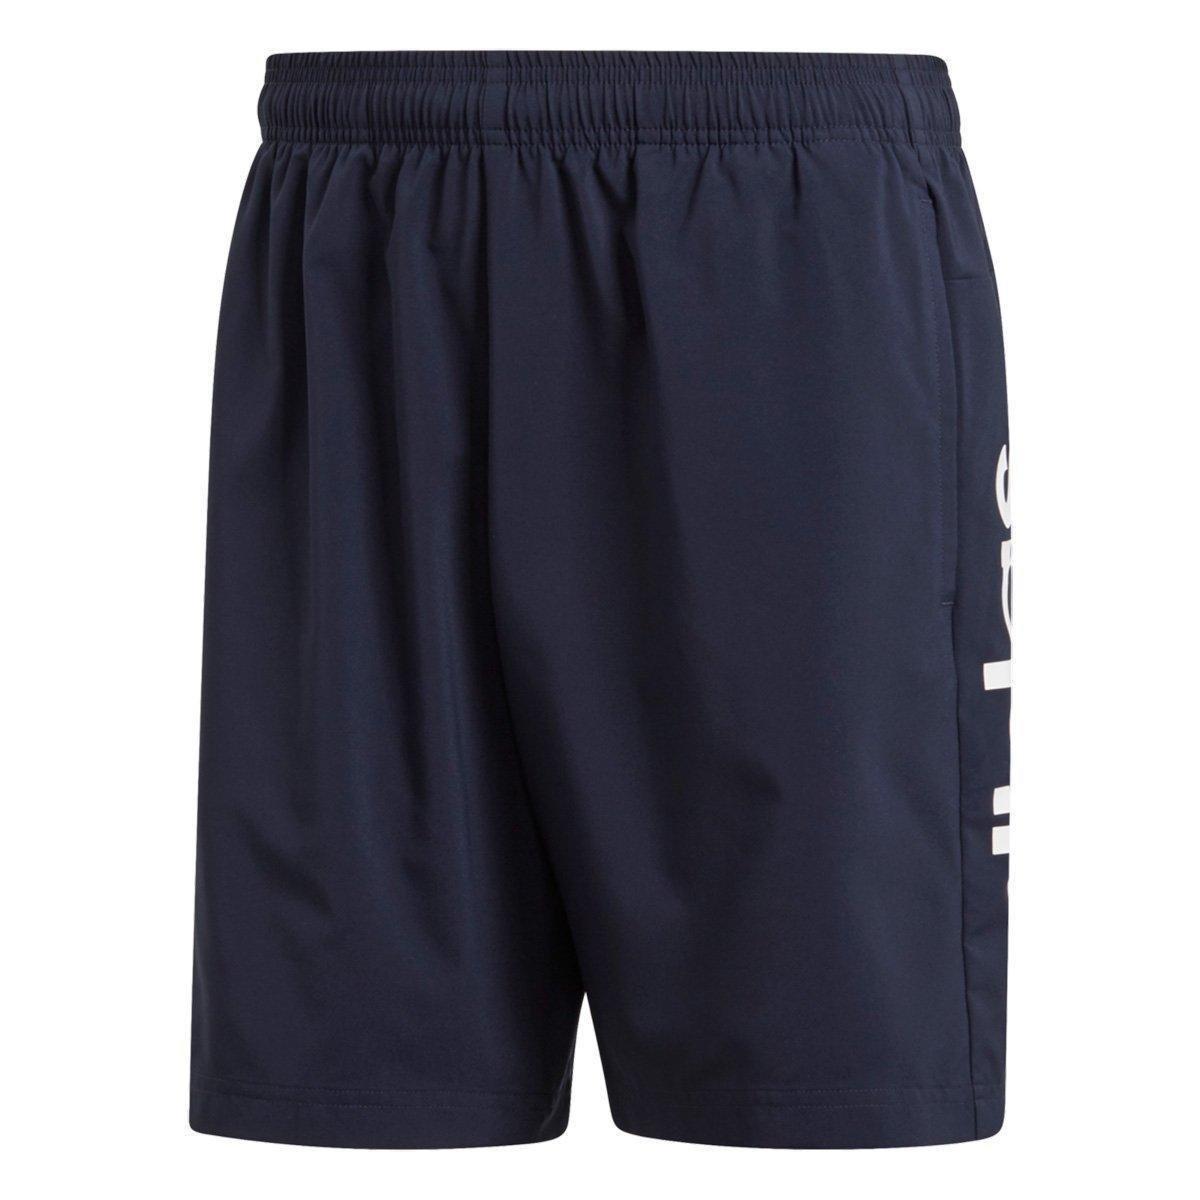 e104754033 Bermuda Adidas Essentials Linear Chelsea Masculina - Marinho e ...